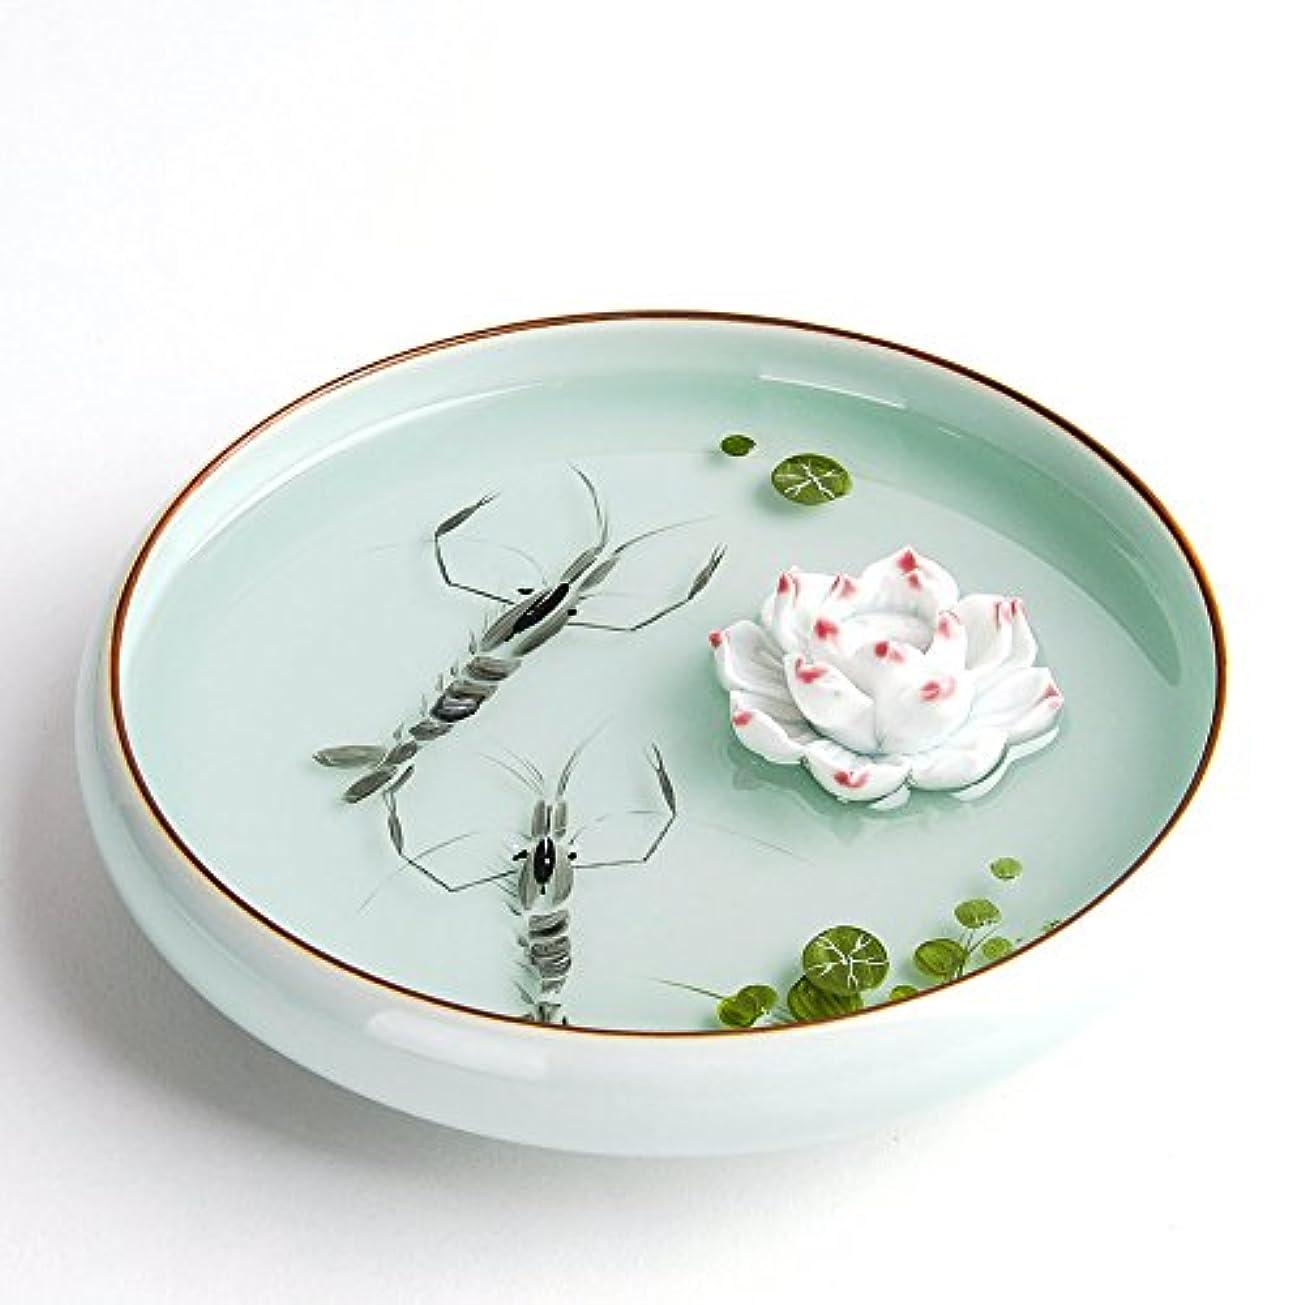 適格肥沃な異なるおしゃれ お香立て お香たて 香の器 お香を焚いて 香皿,陶磁器、白